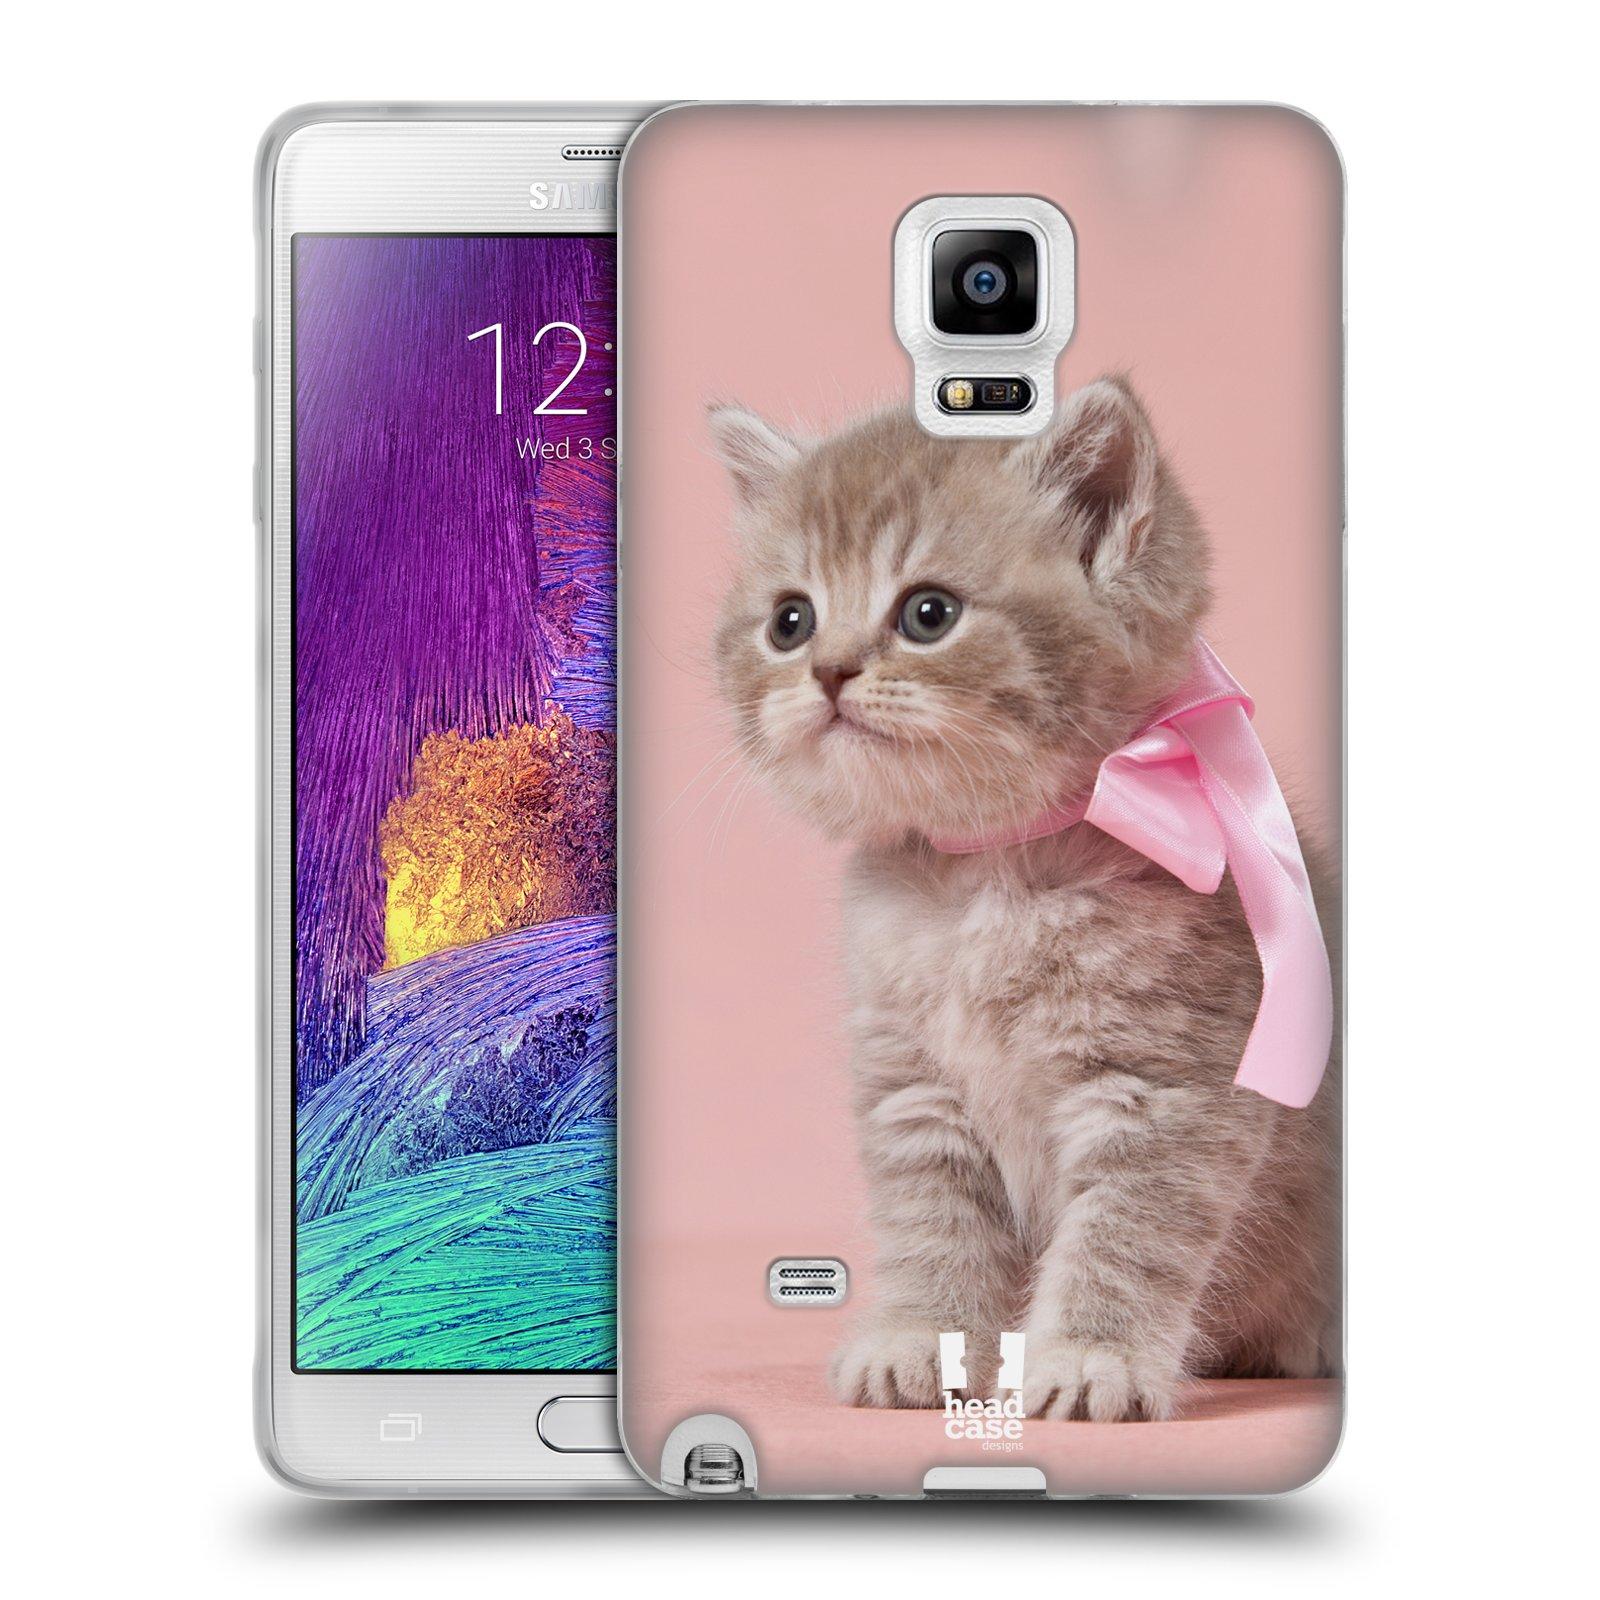 HEAD CASE silikonový obal na mobil Samsung Galaxy Note 4 (N910) vzor Kočičky koťata foto kotě s růžovou mašlí